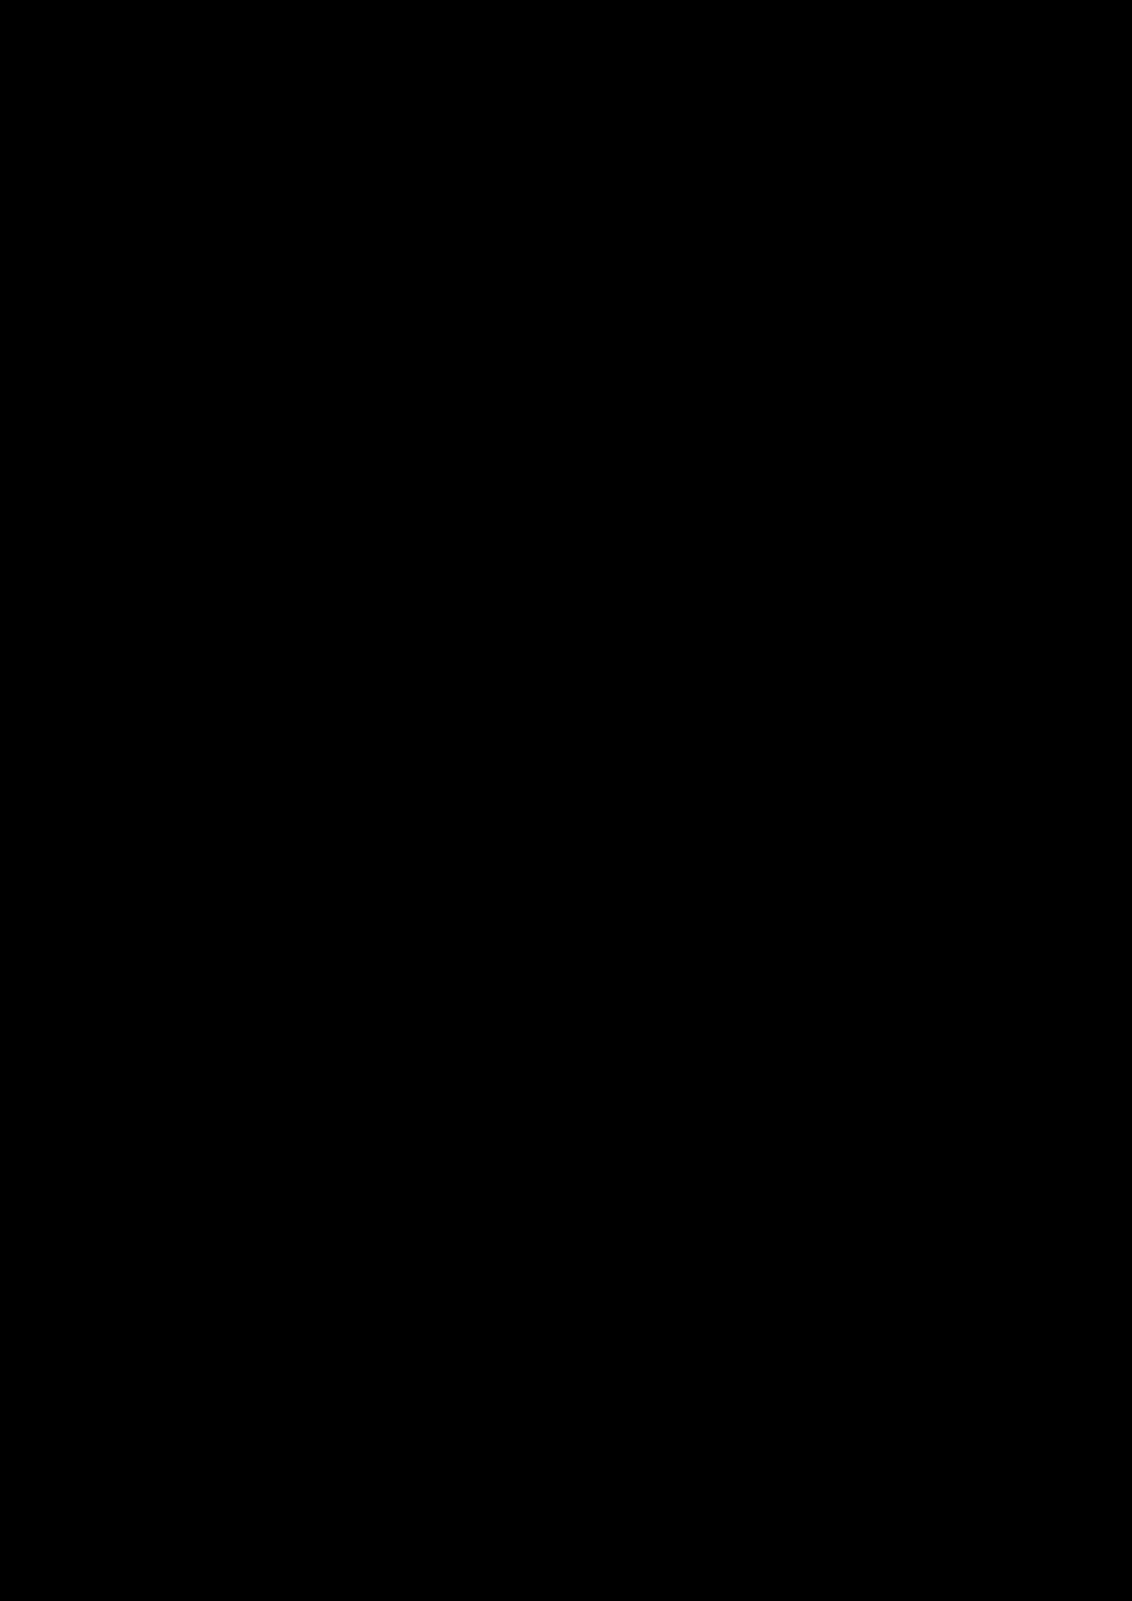 Dekoratsii slide, Image 6